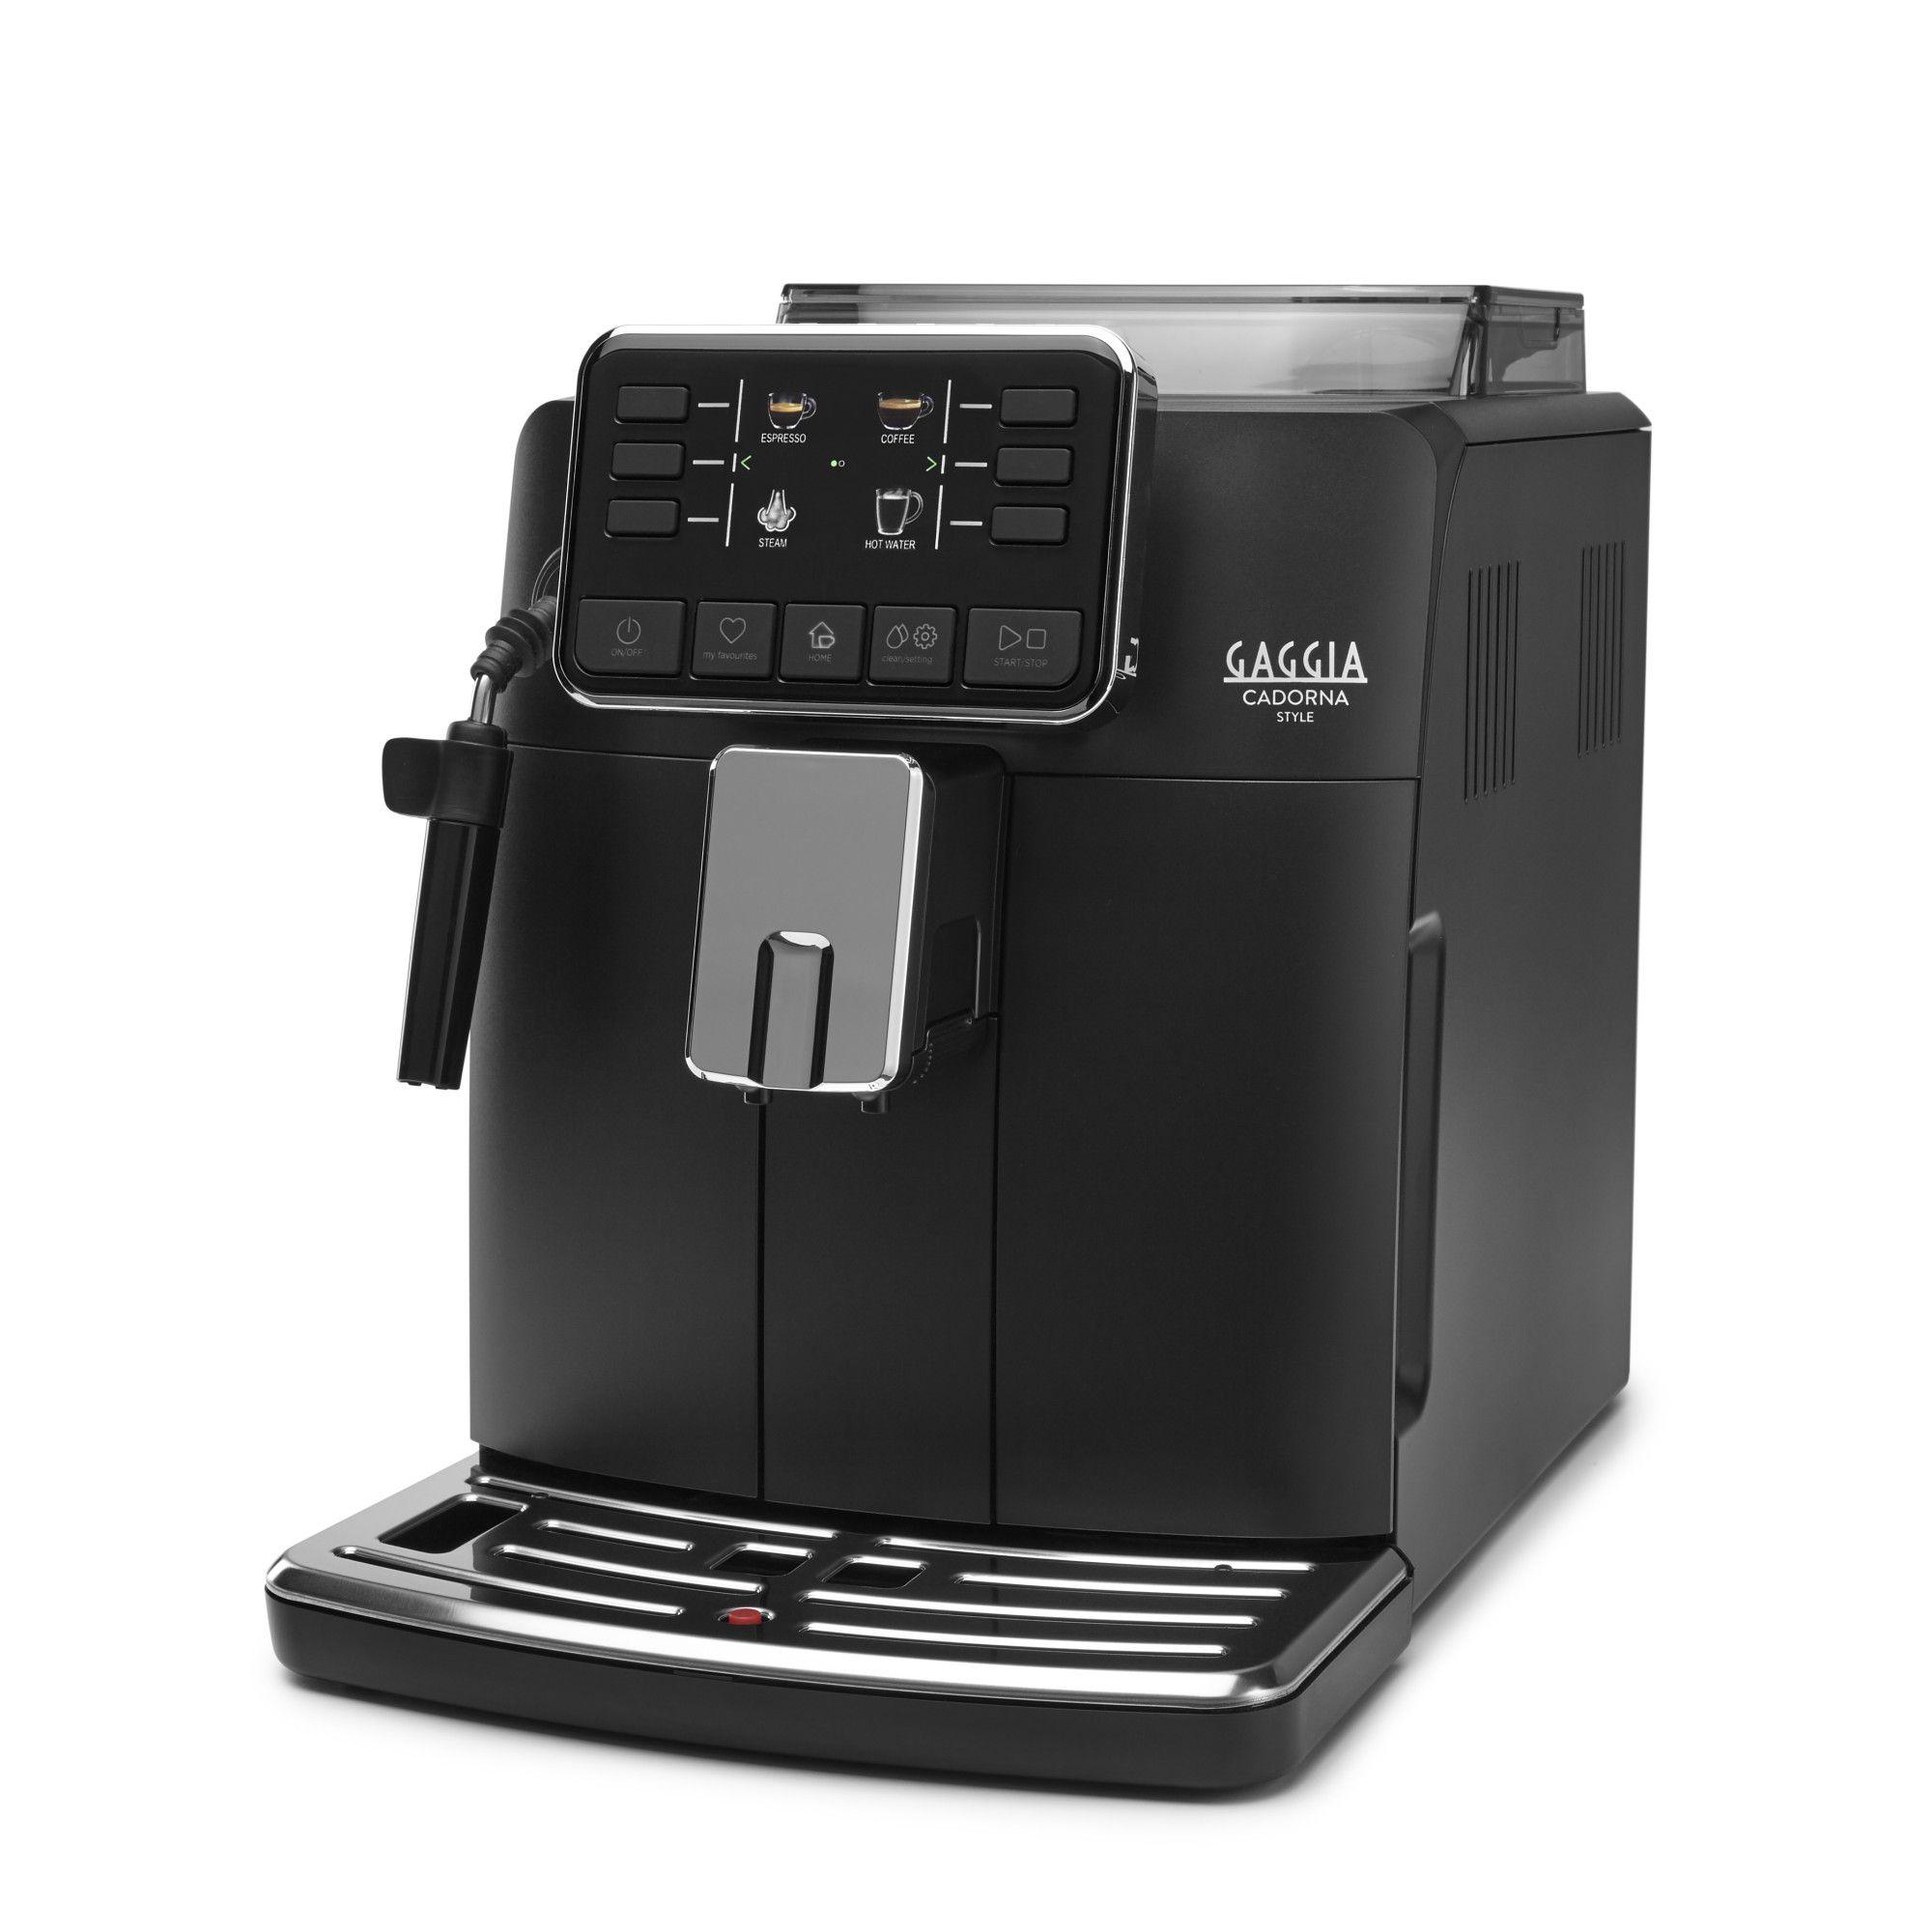 Espressor automat Gaggia Cadorna Style, 15 bari, 1.5 l, 300g, contorizare, profile, pannarello, cafea cadou